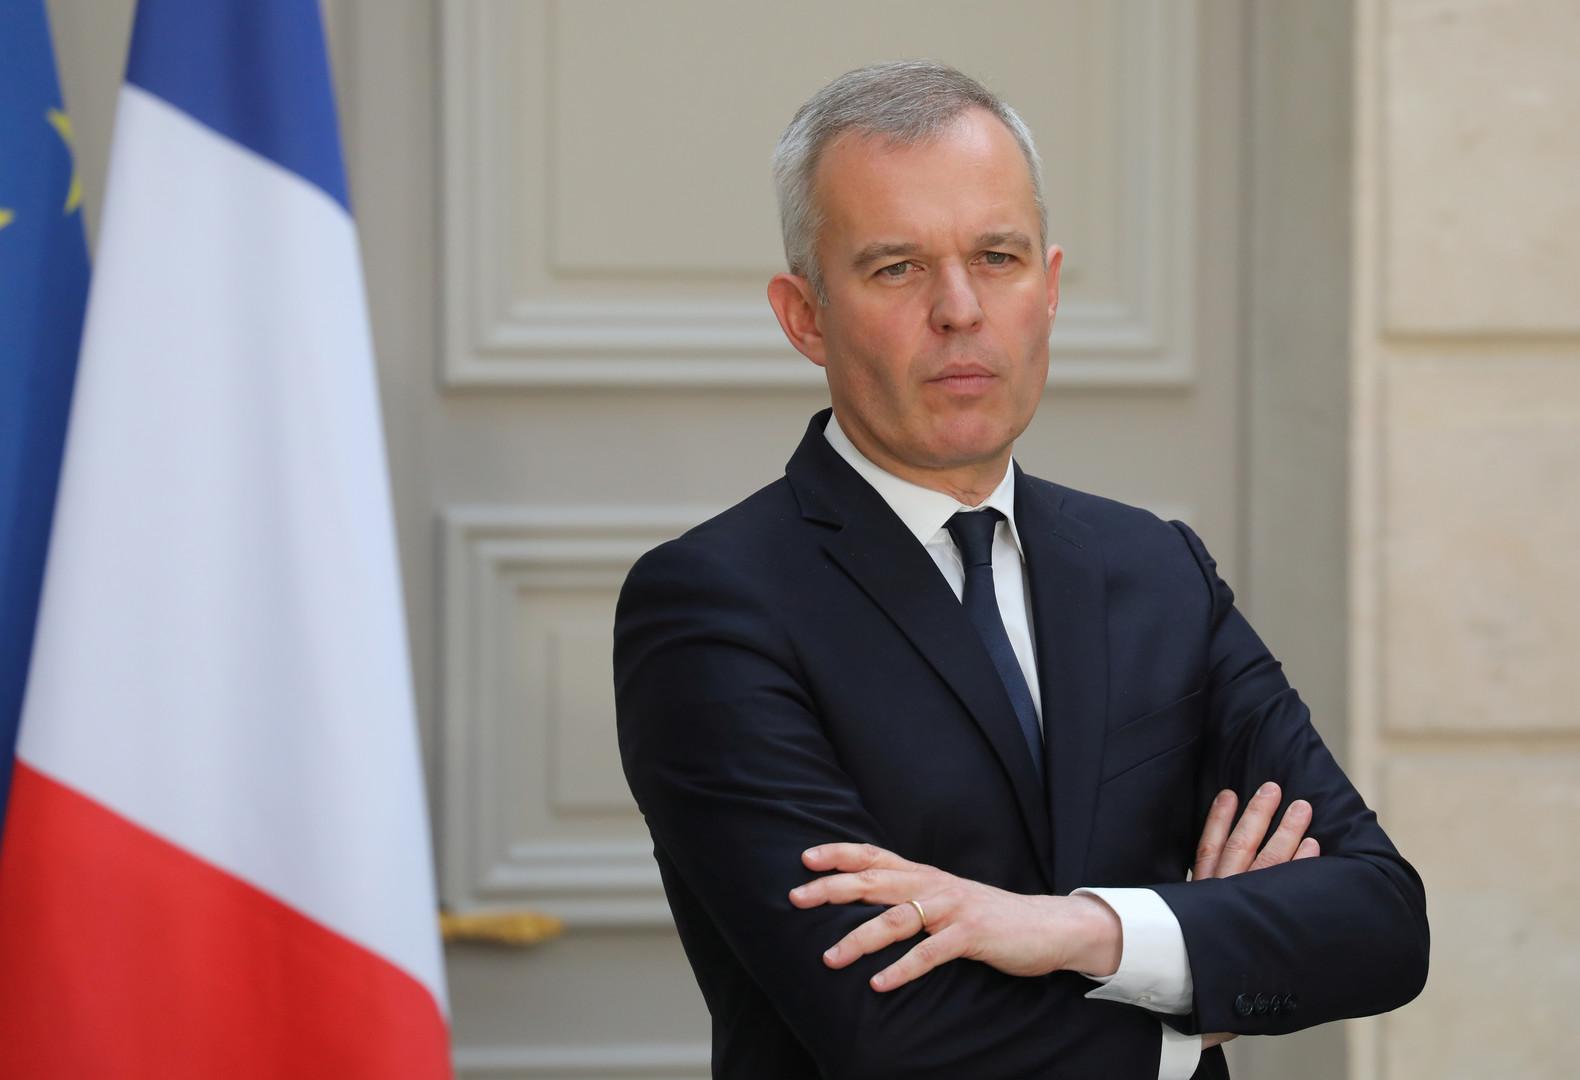 وزير البيئة الفرنسي فرانسوا دوروجي